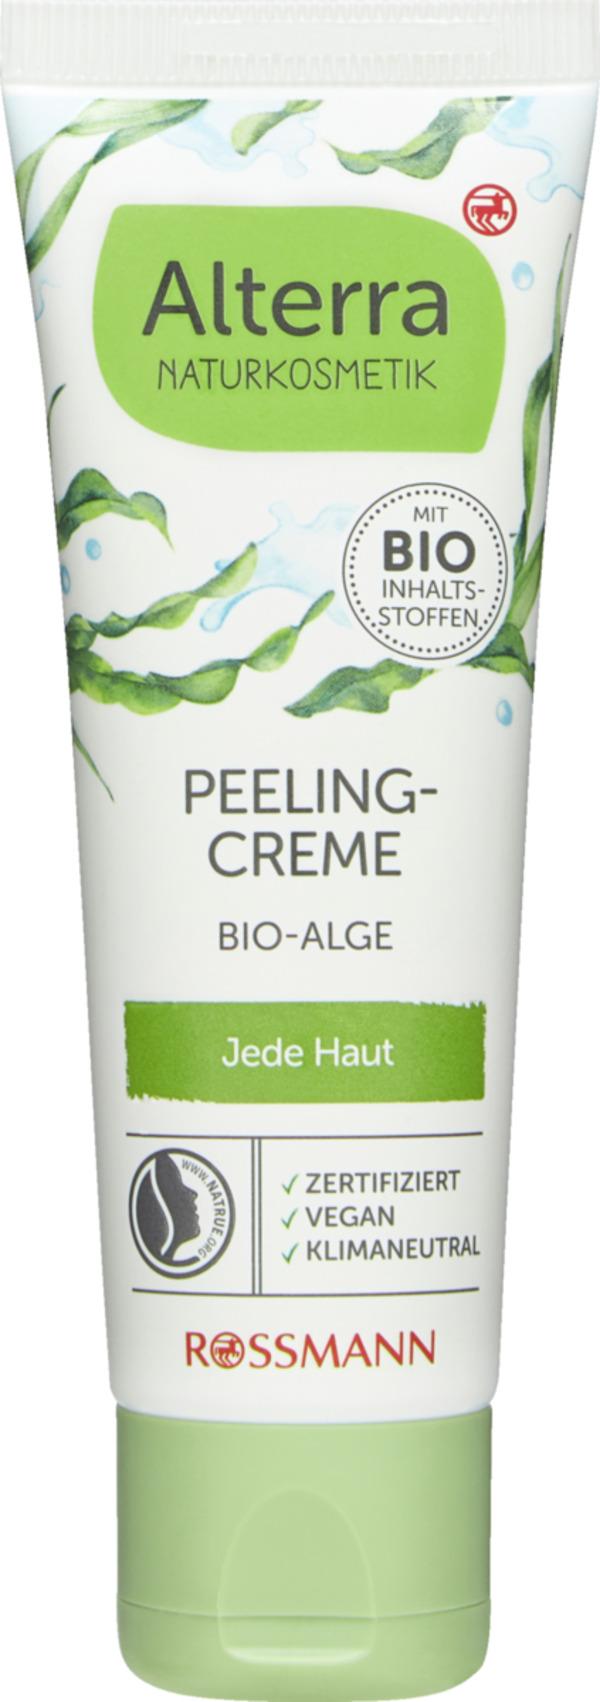 Alterra NATURKOSMETIK Peelingcreme Bio-Alge